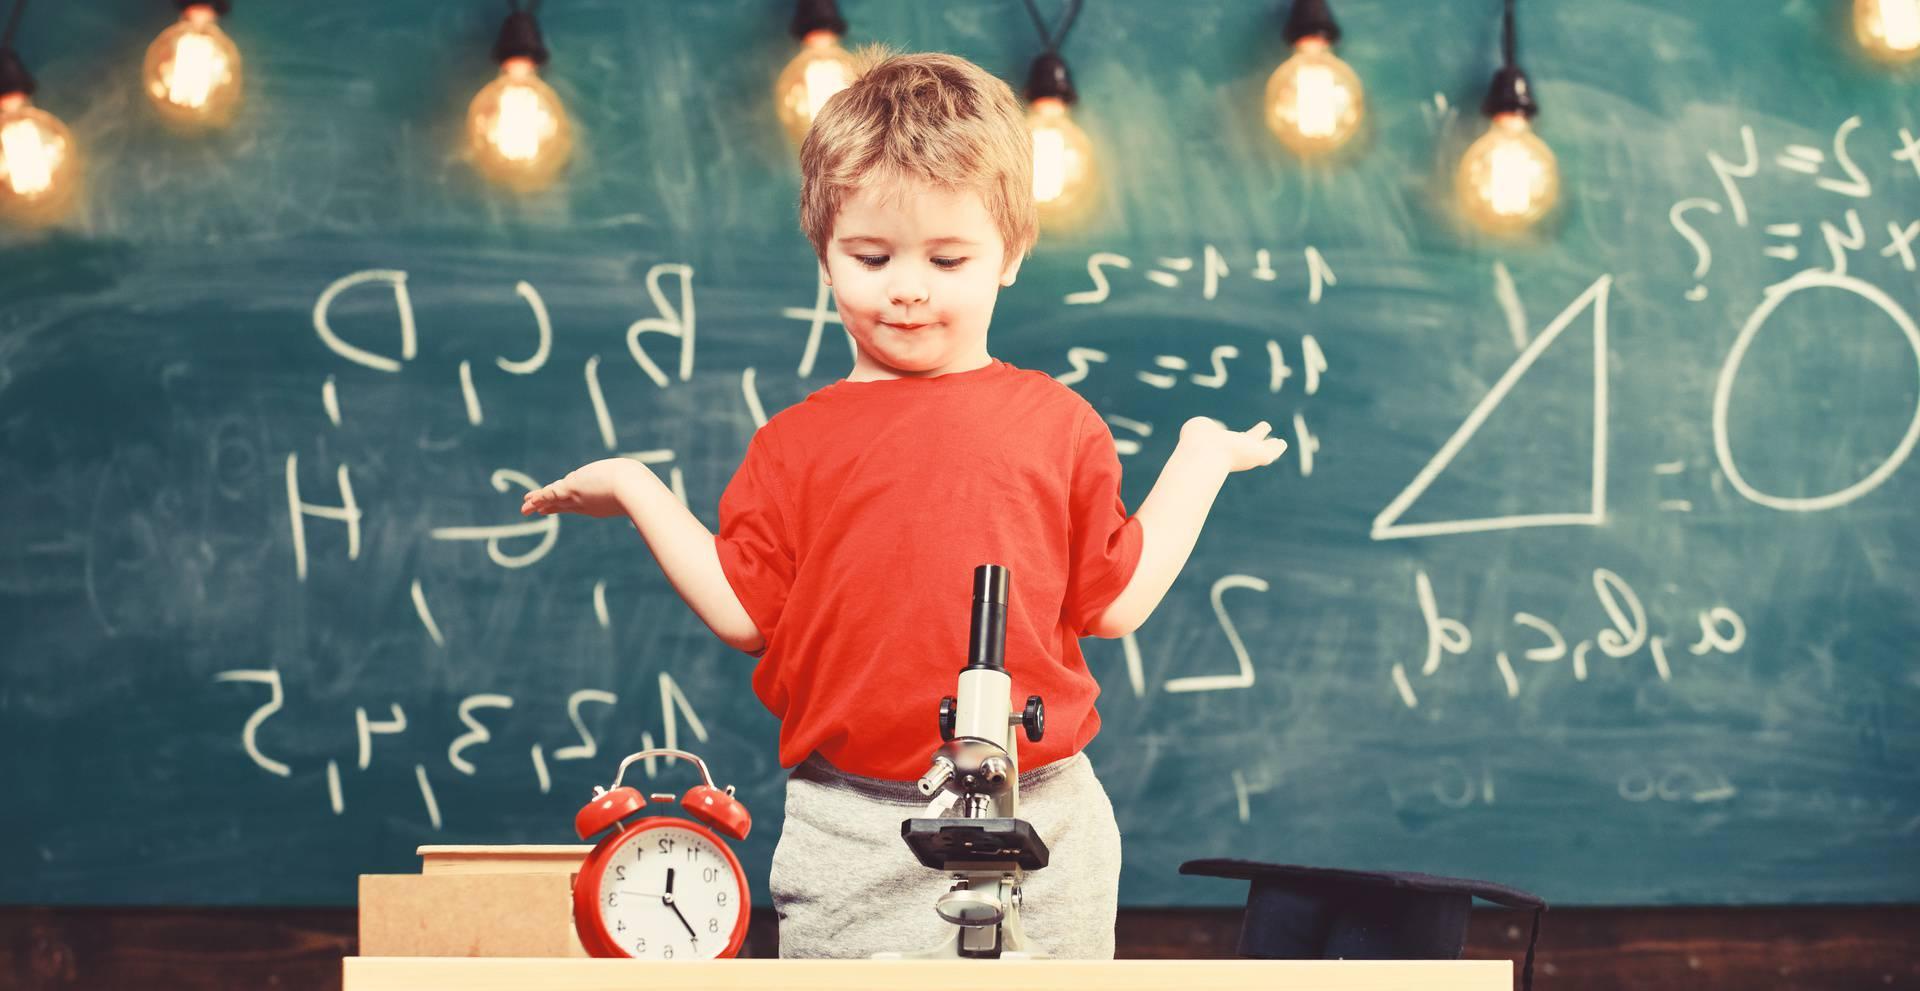 Feynmanova metoda učenja:Za lakše i brže pamćenje gradiva - pojednostavi, zapiši, pročitaj